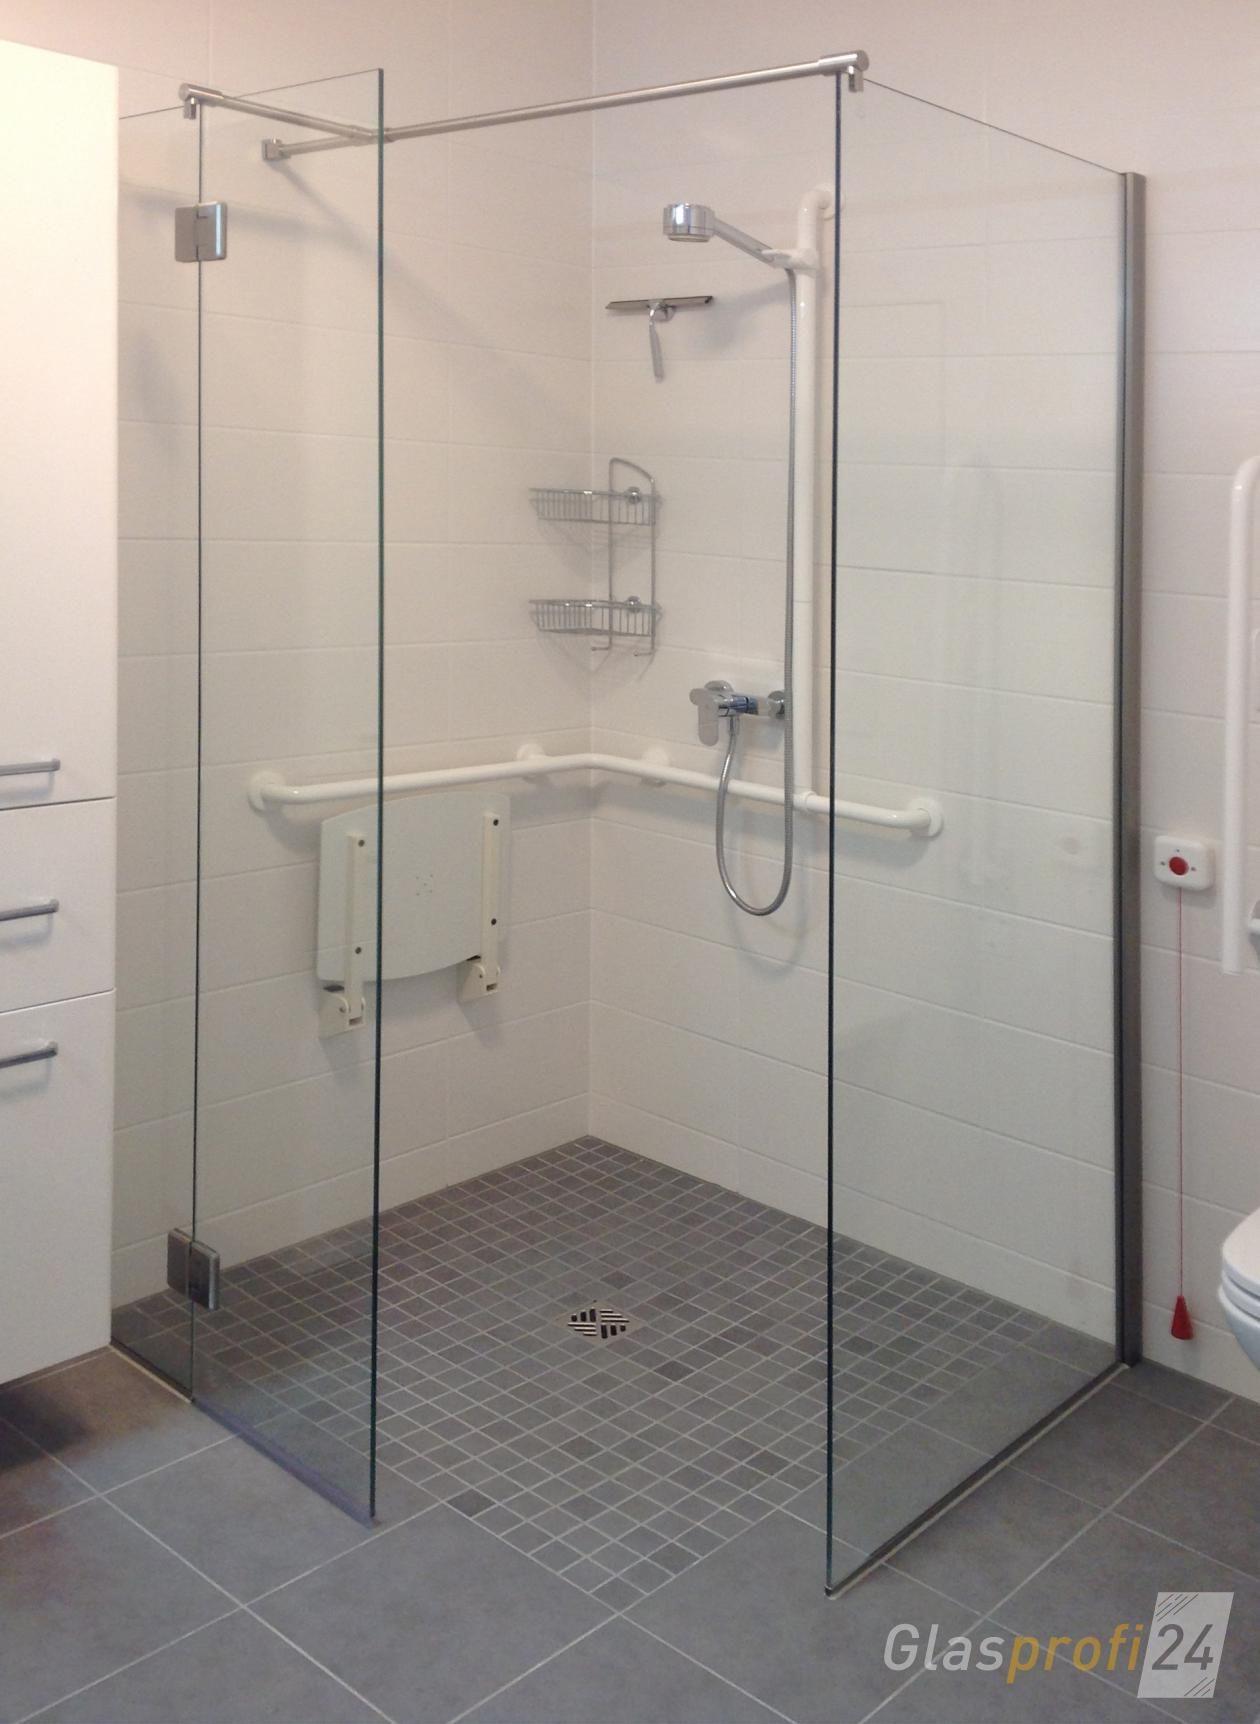 Full Size of Ebenerdige Dusche Mit V2a Beschlgen Begehbare Raindance Badewanne Fliesen Für Moderne Duschen Haltegriff Bluetooth Lautsprecher Behindertengerechte Grohe Dusche Behindertengerechte Dusche